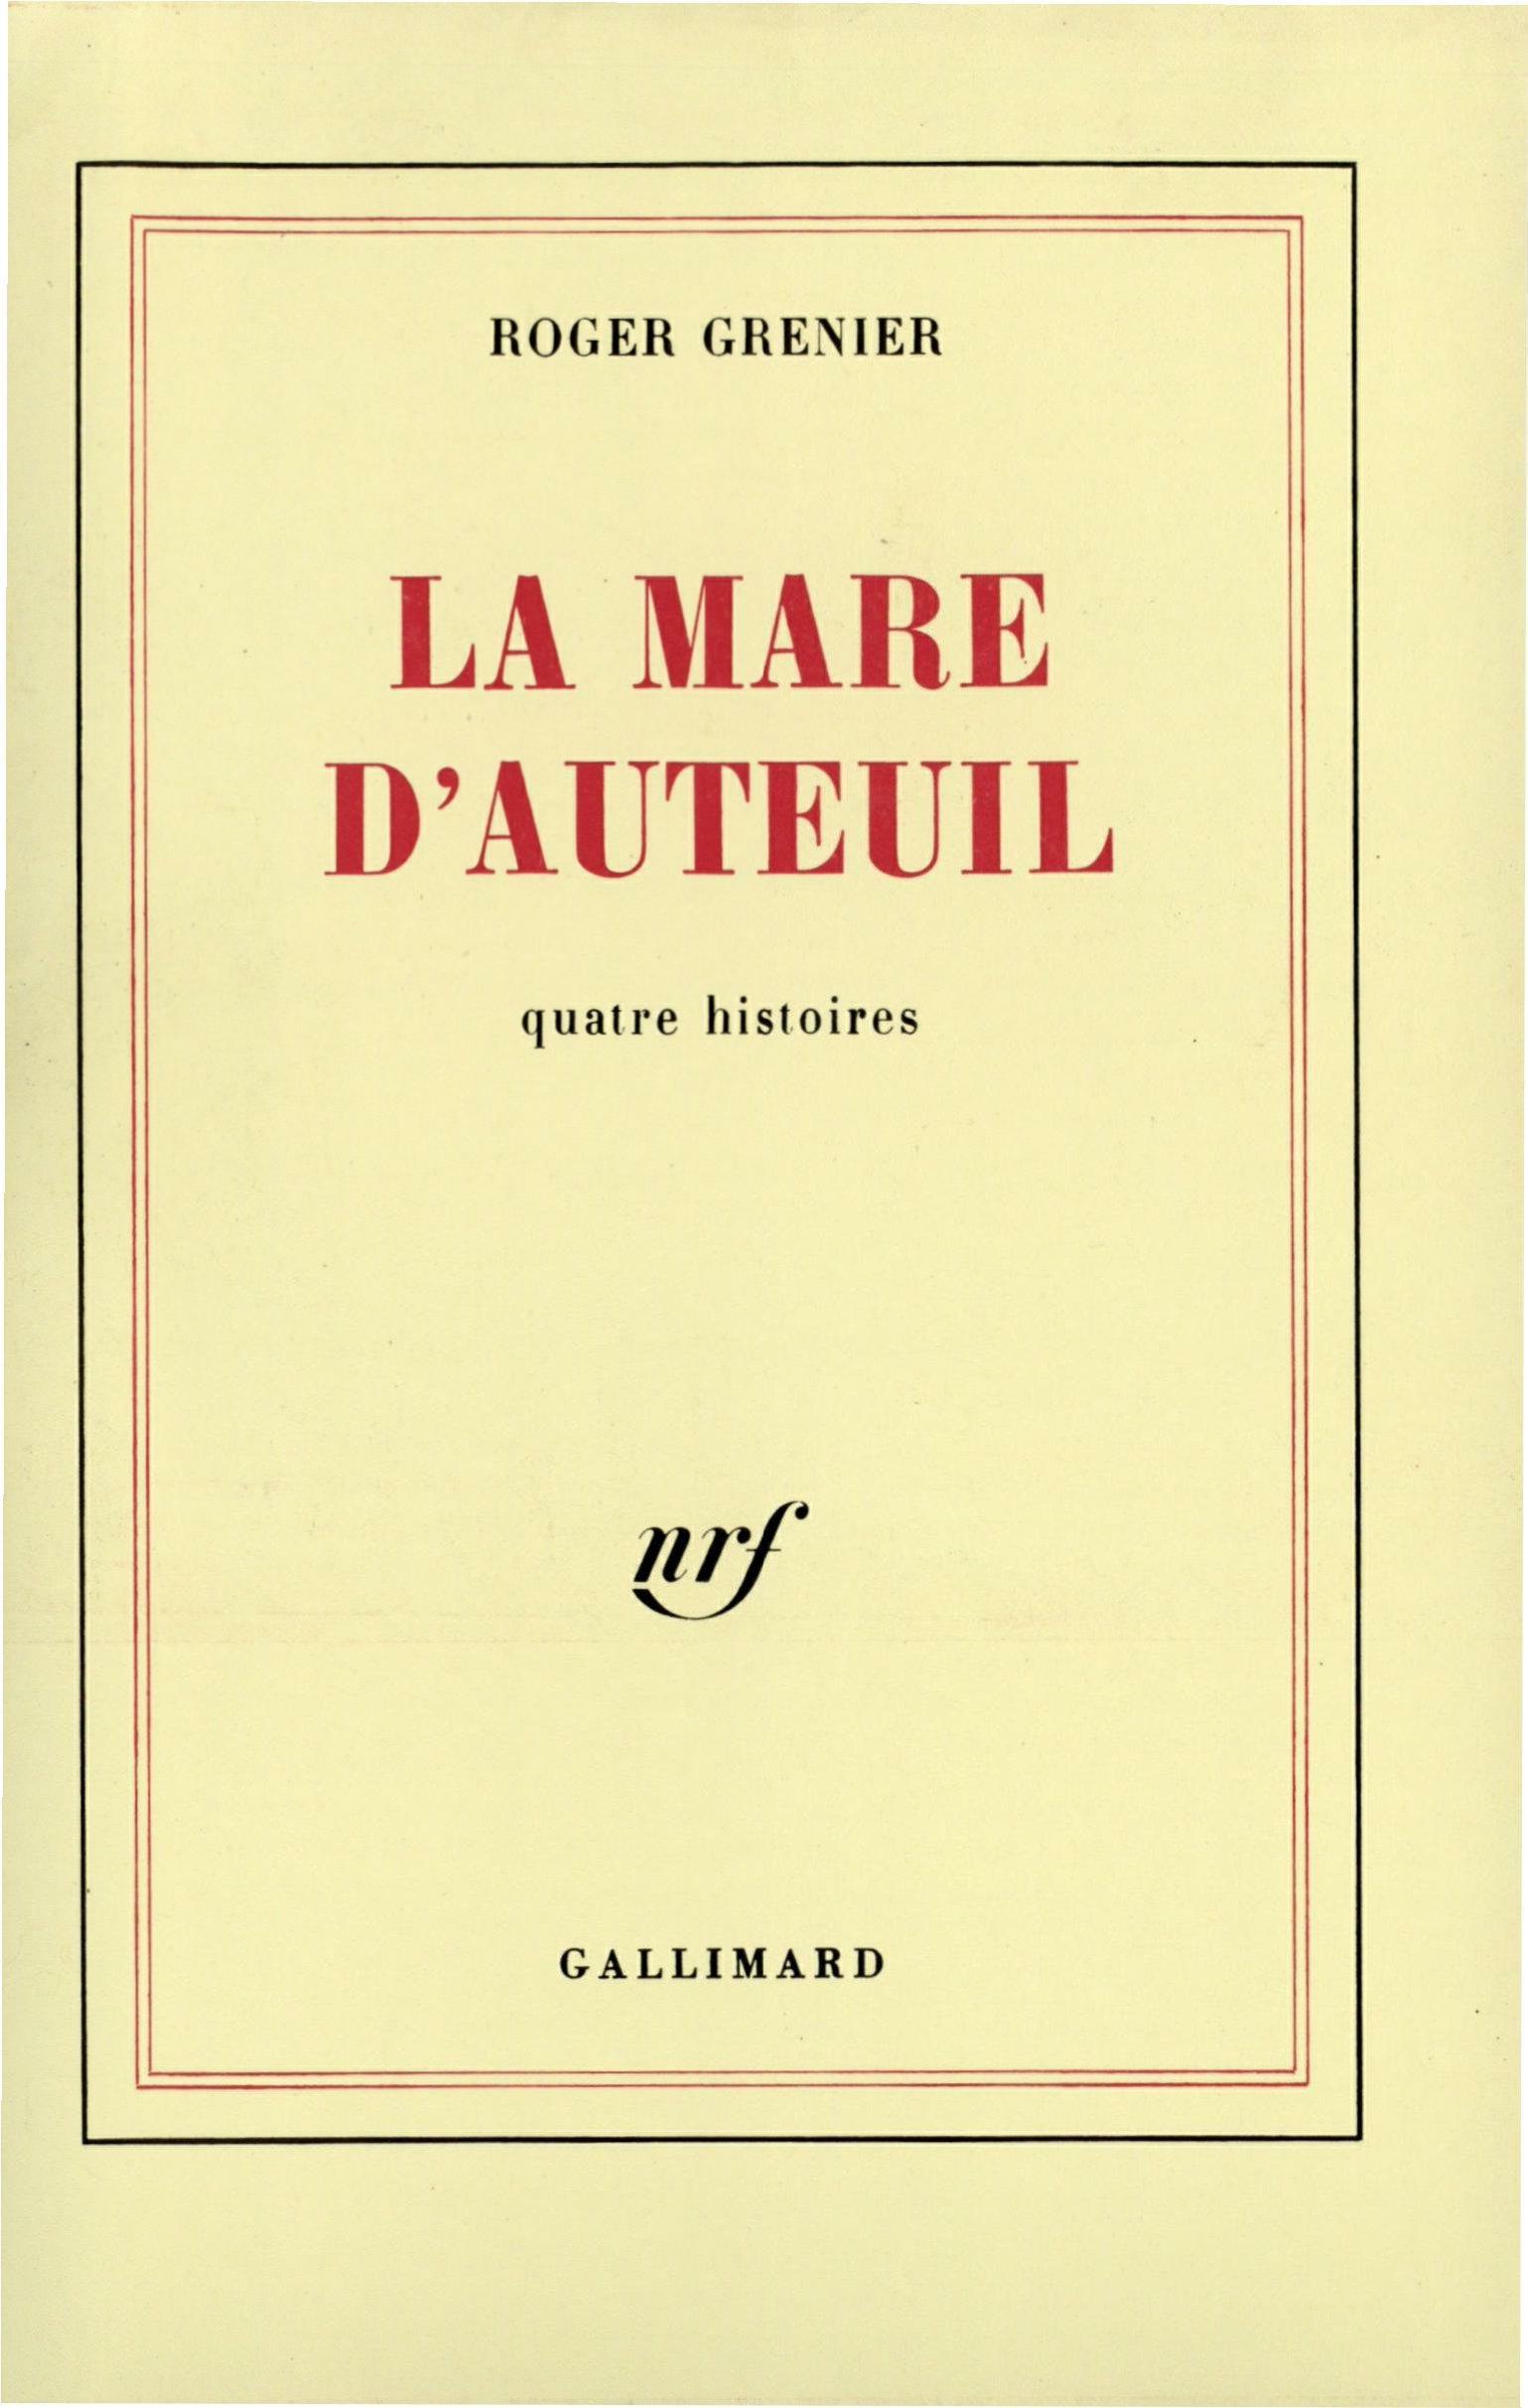 La mare d'Auteuil. Quatre histoires